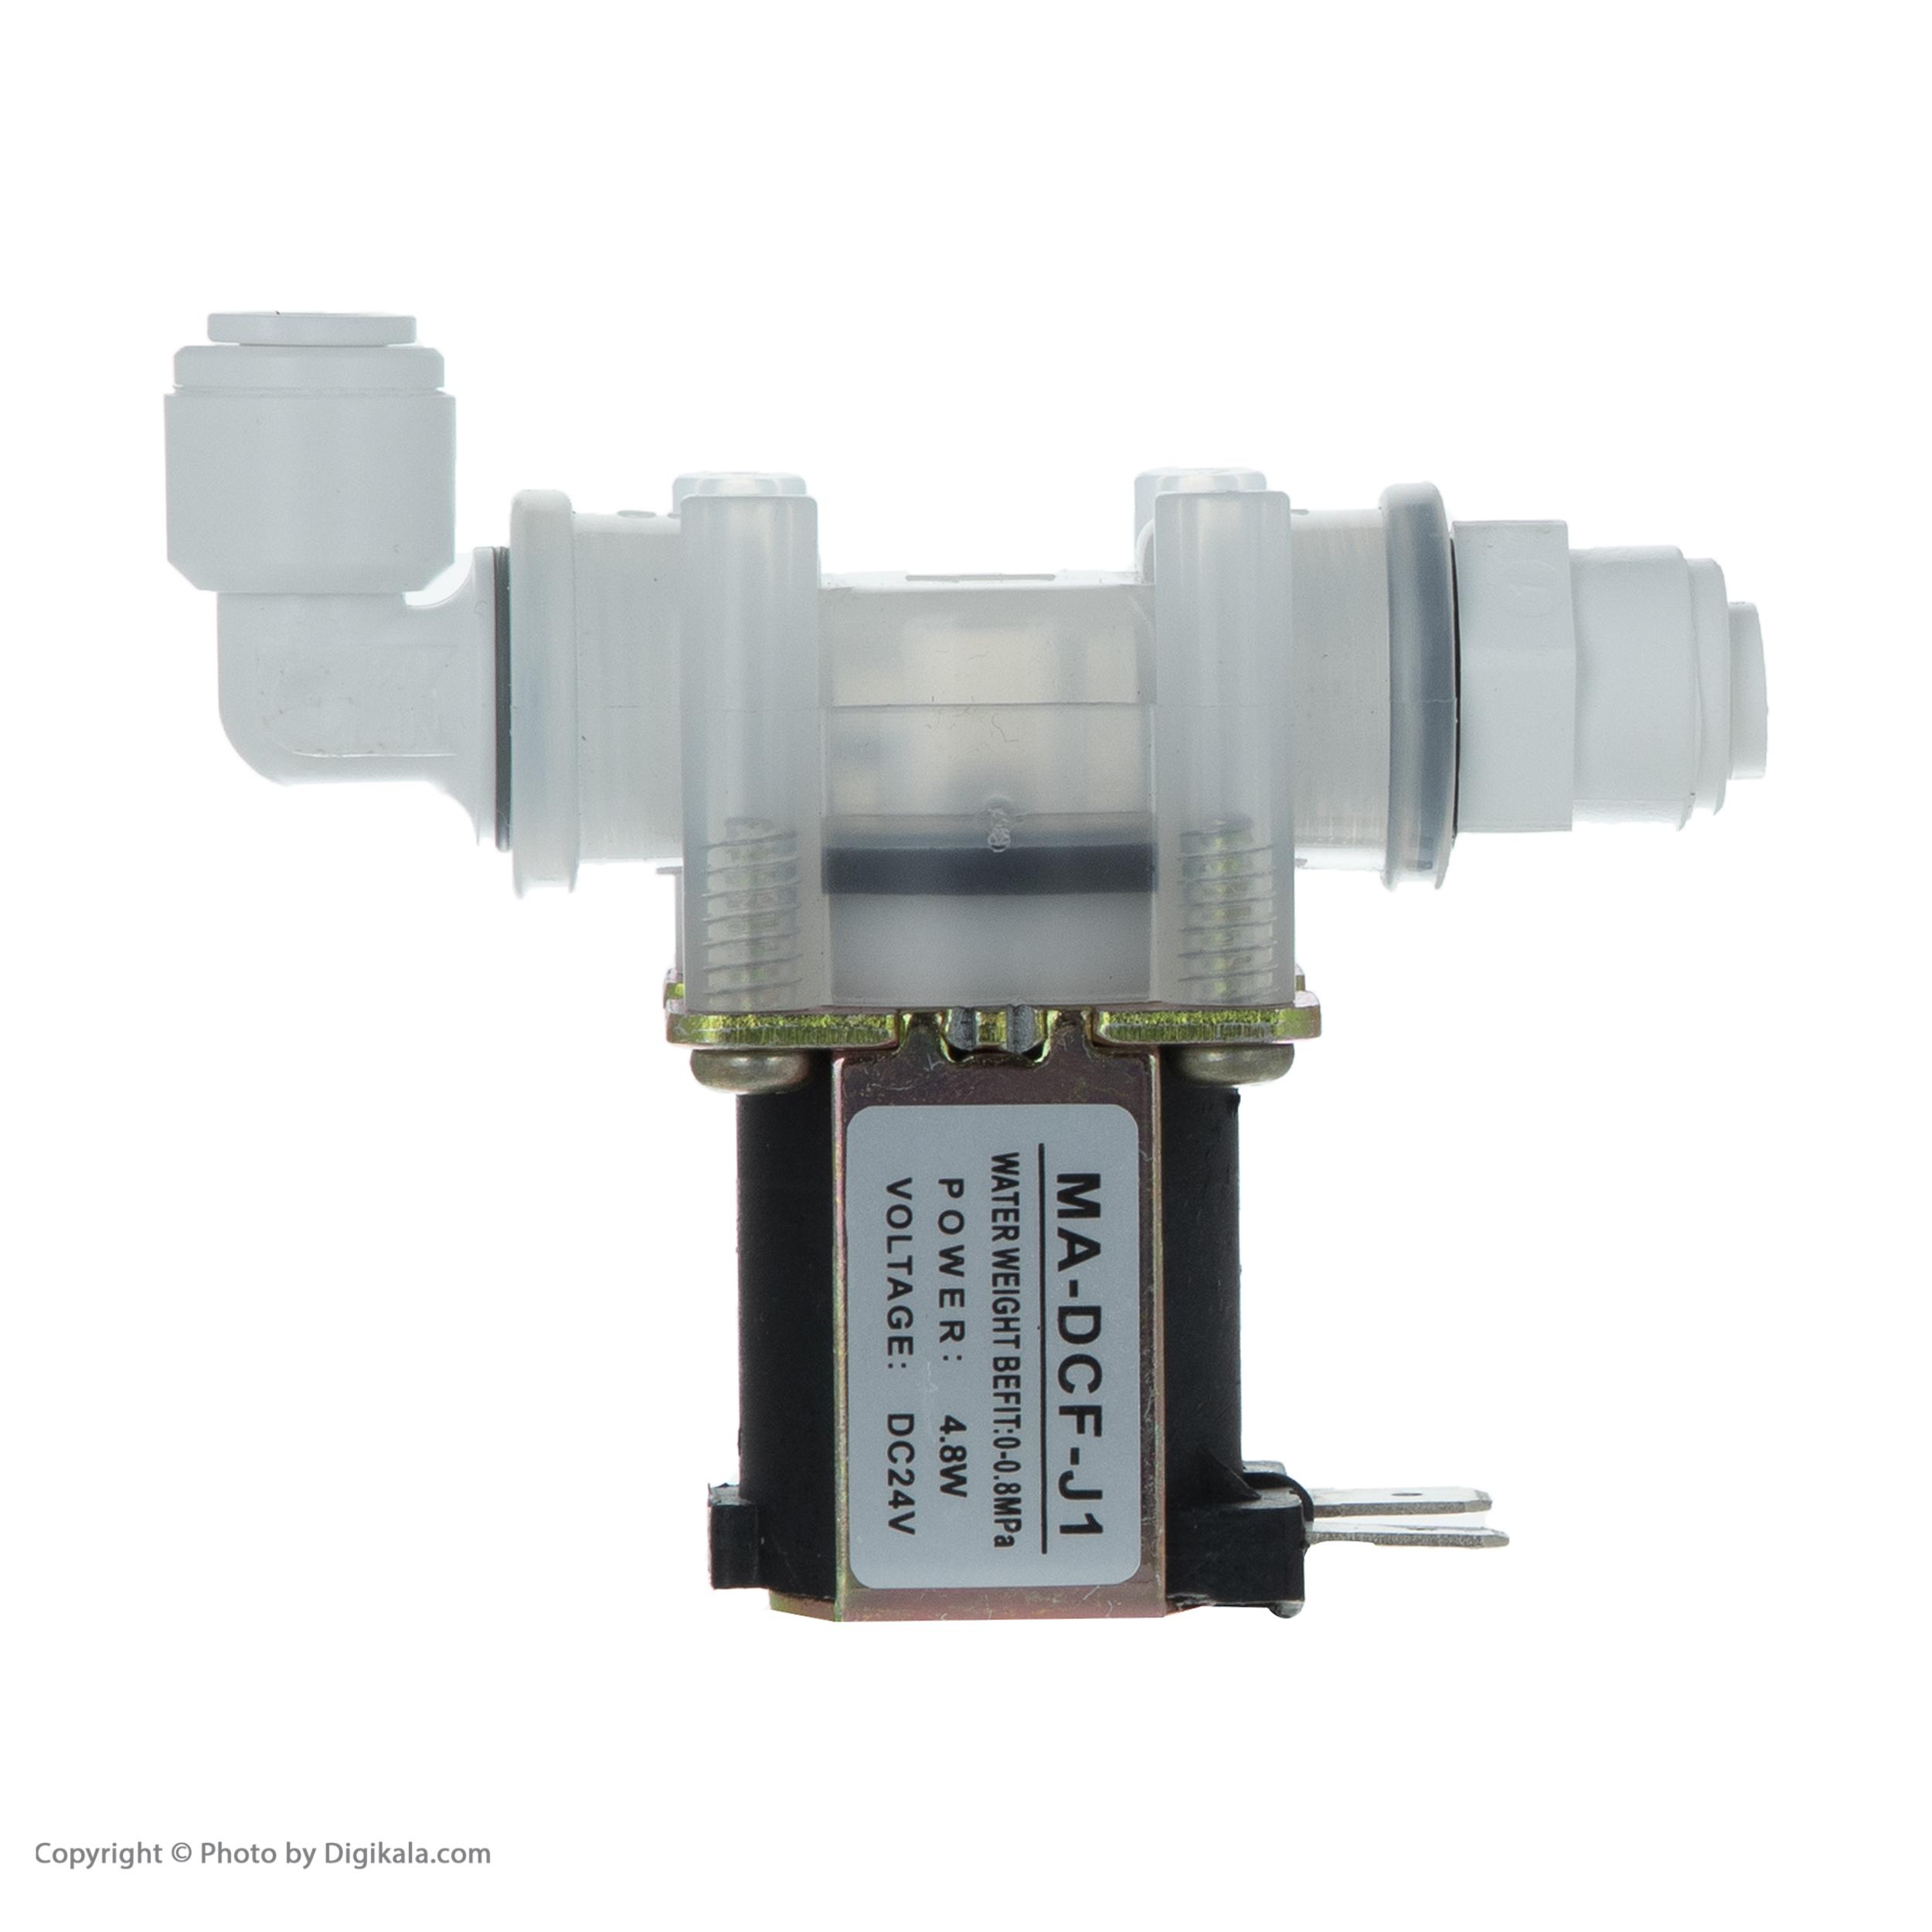 شیر برقی دستگاه تصفیه کننده آب کد MA-DCF-J1